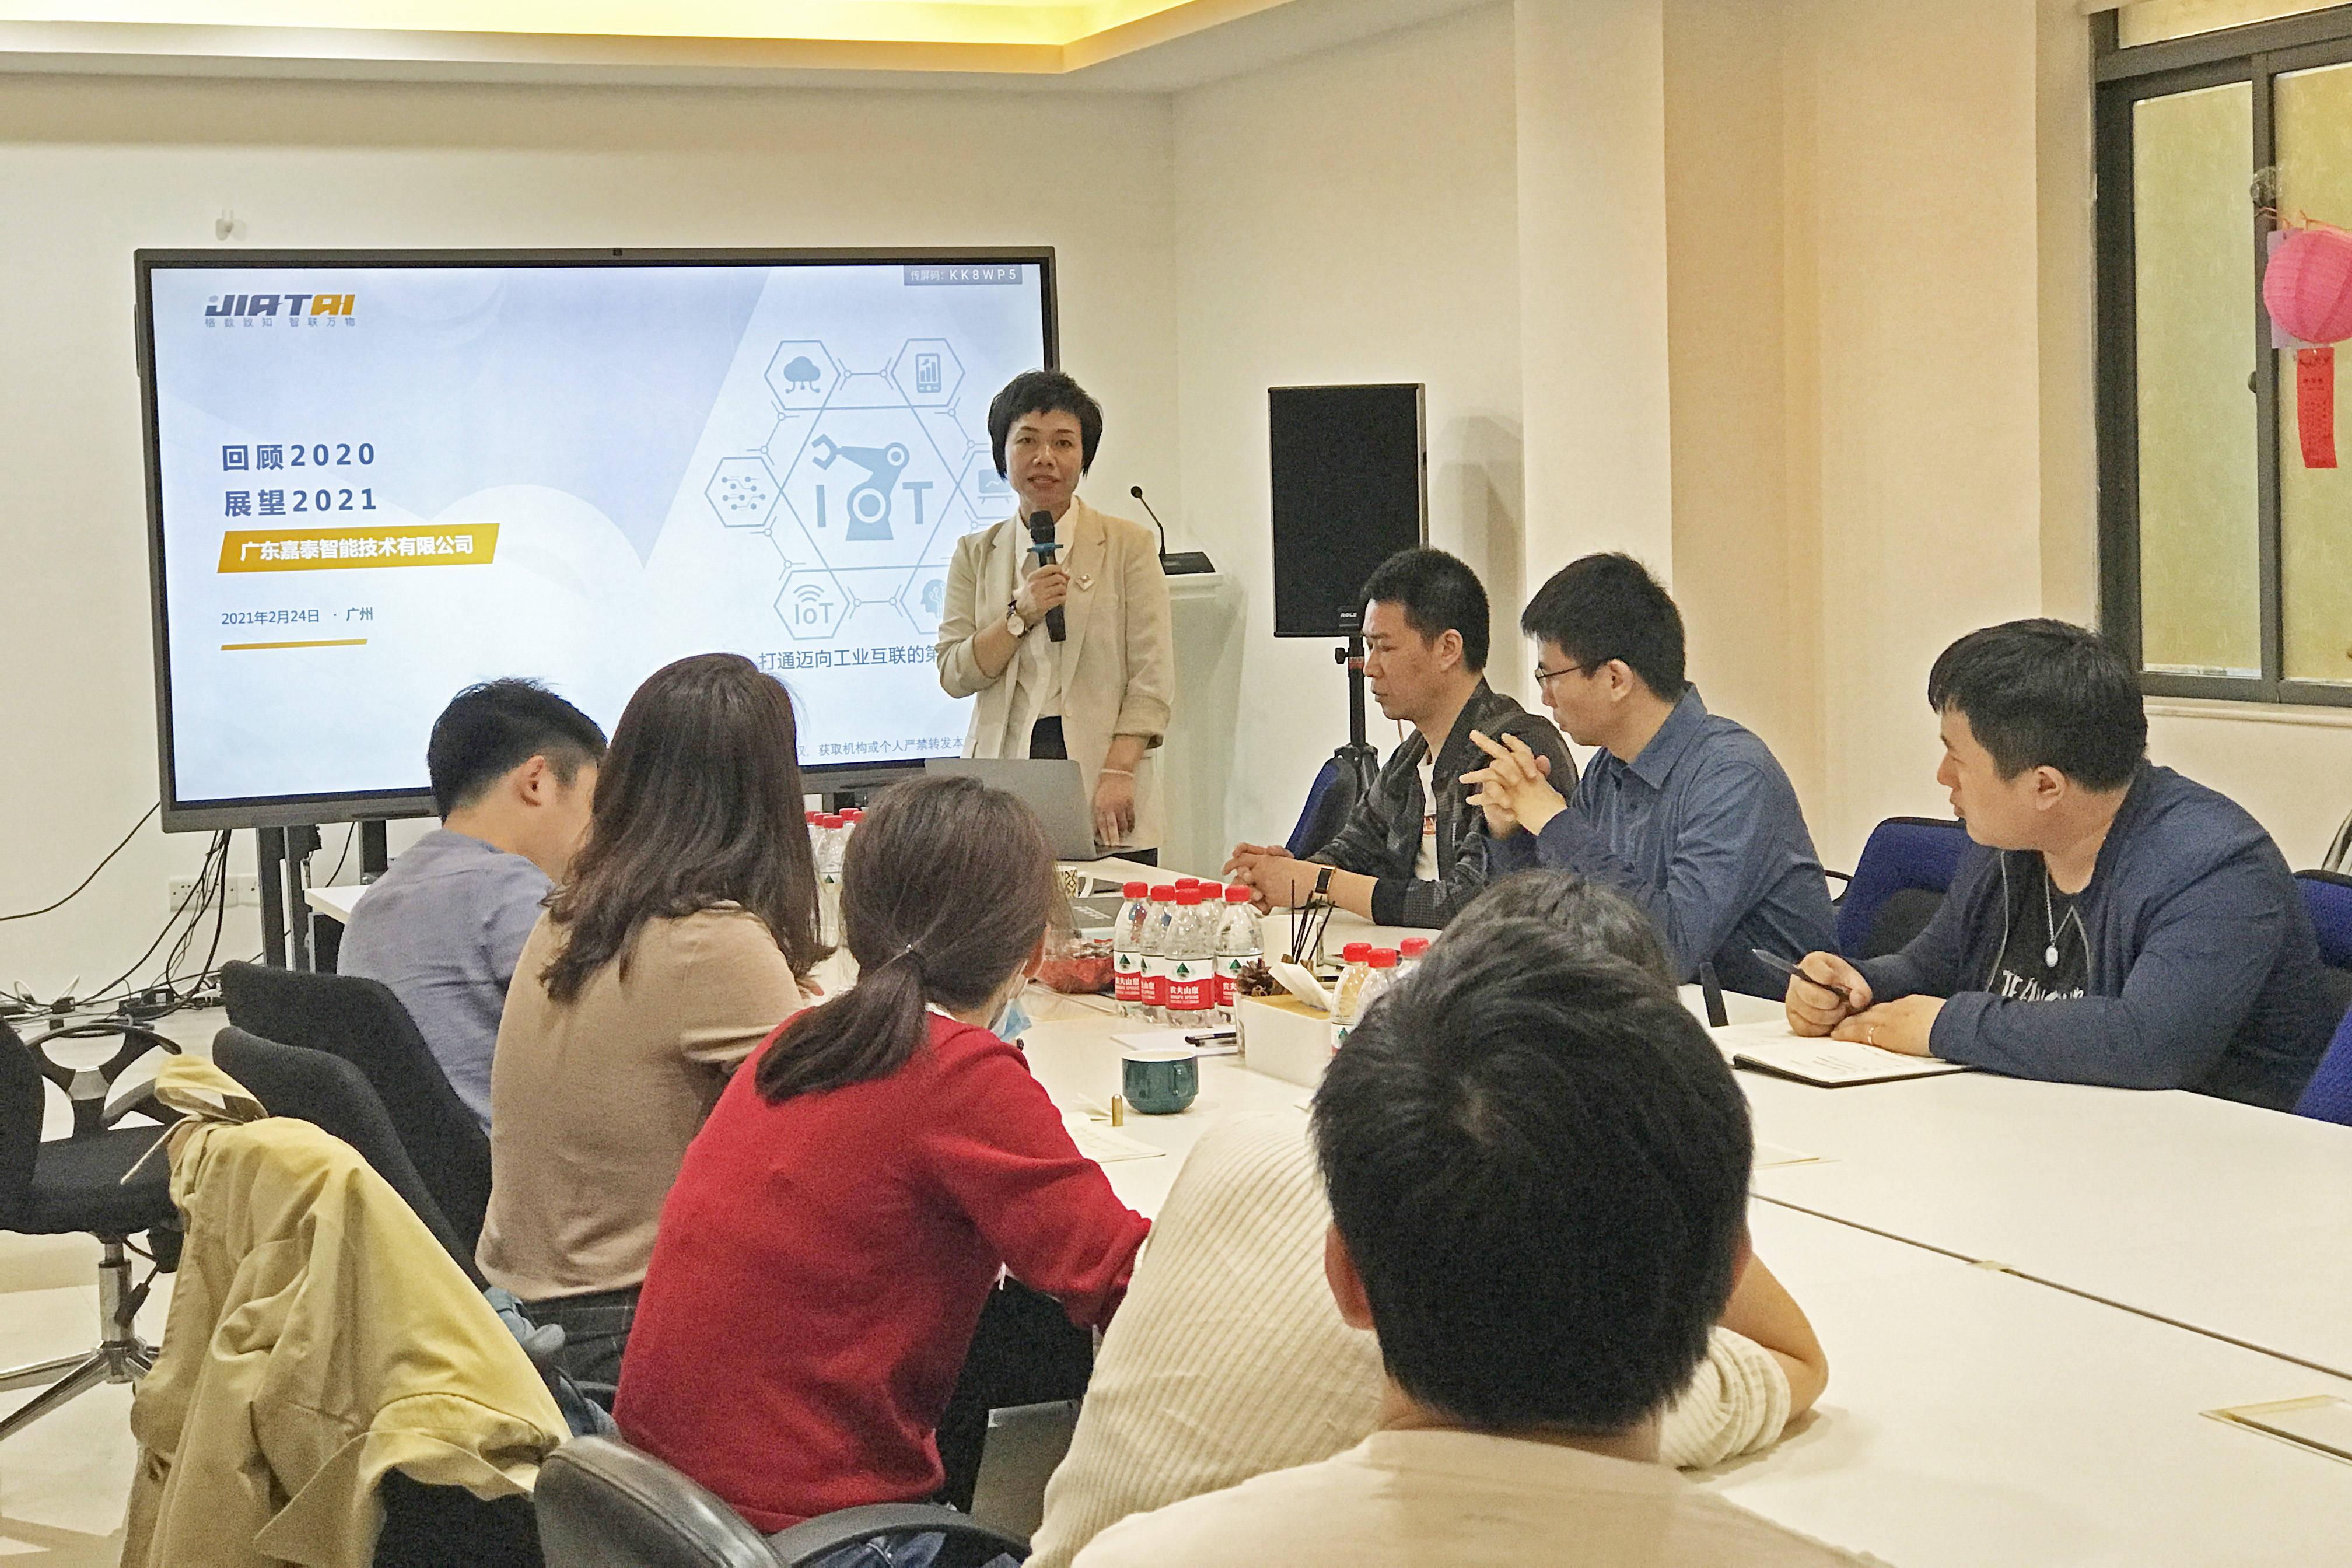 嘉泰智能召开开年大会谋划布局2021年度工作